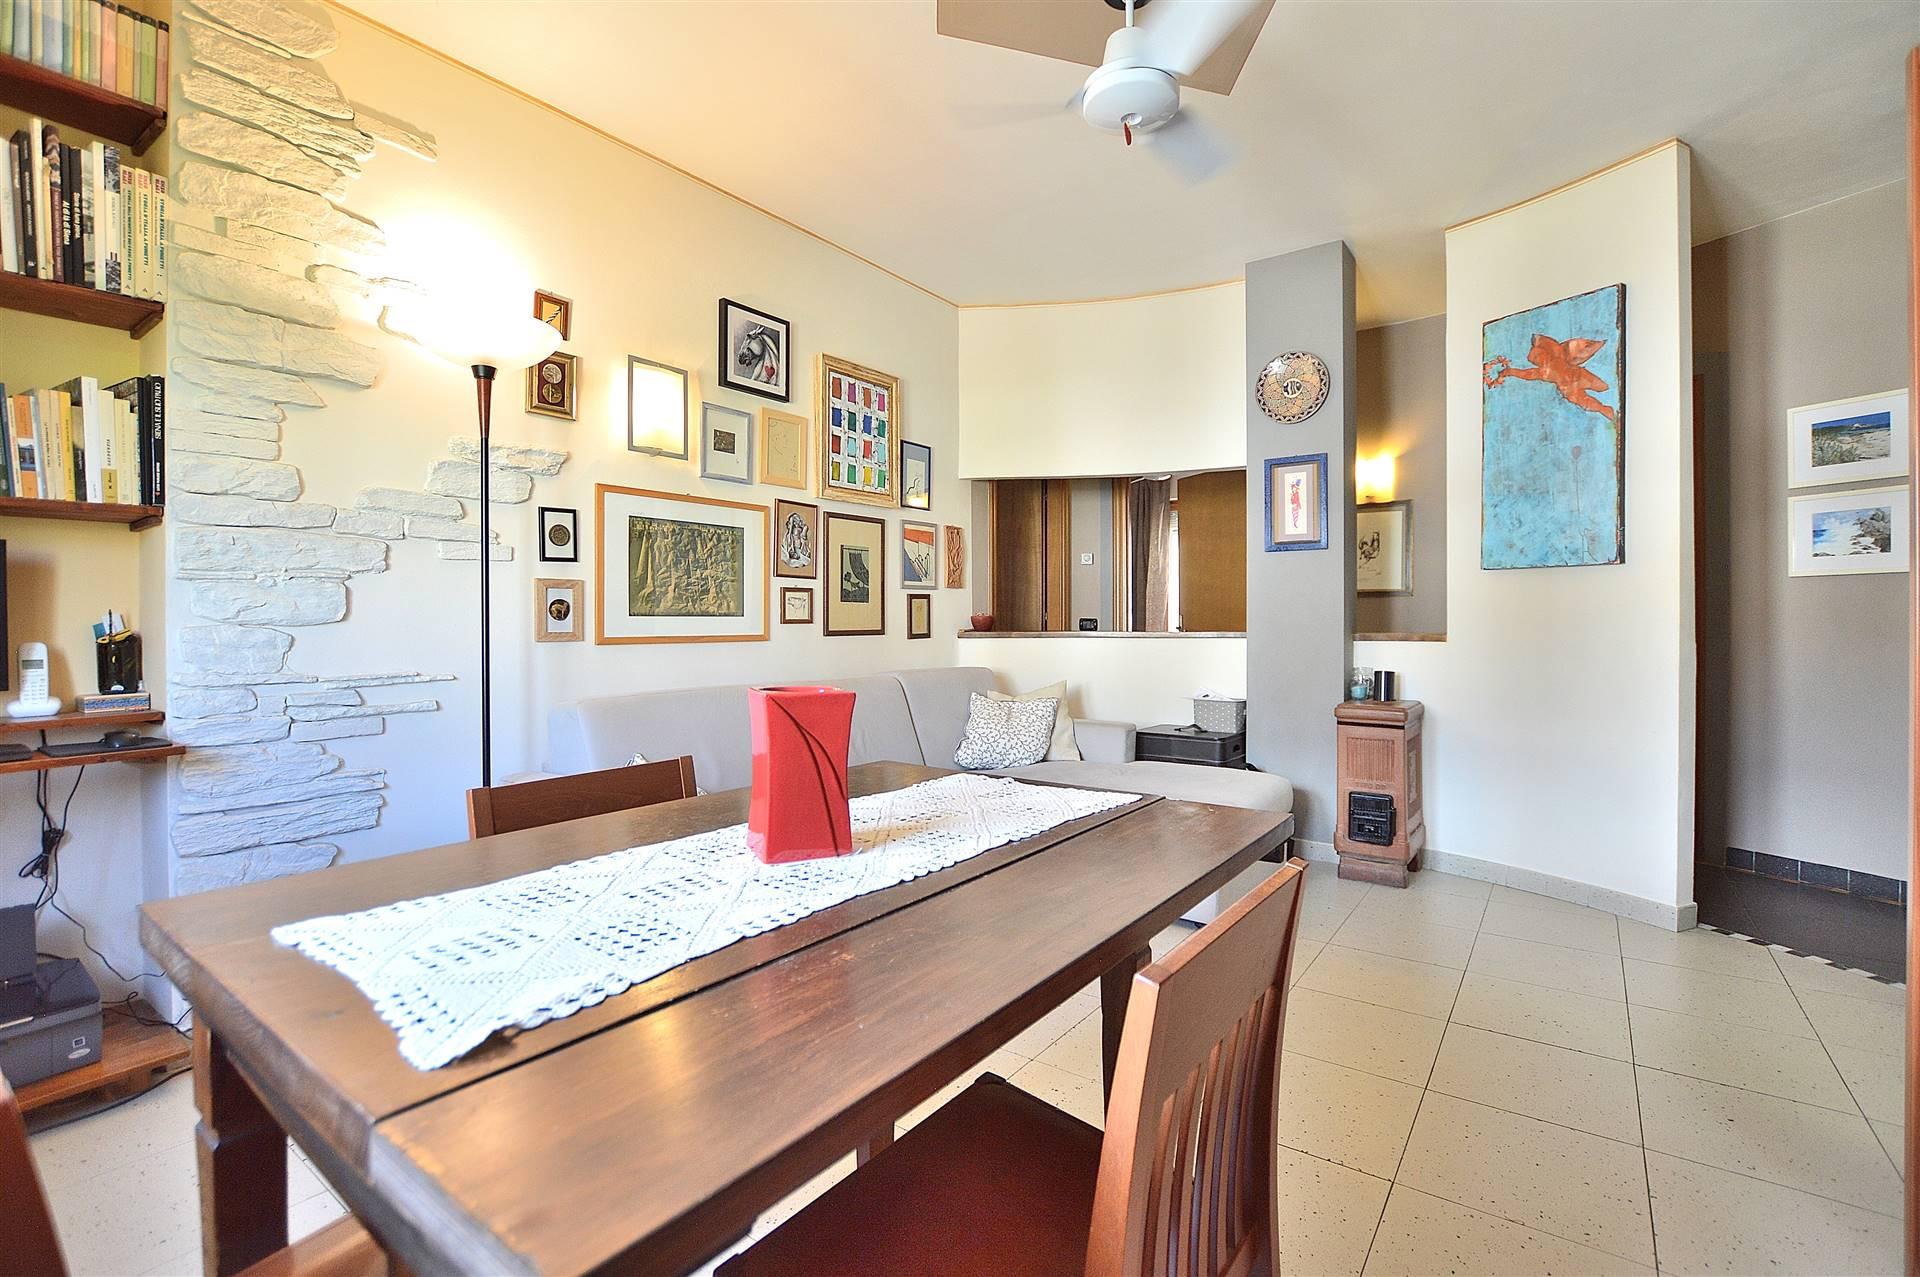 Sant'Andrea a Montecchio, in piacevole contesto residenziale, proponiamo grazioso appartamento posto al secondo ed ultimo piano di una piccola